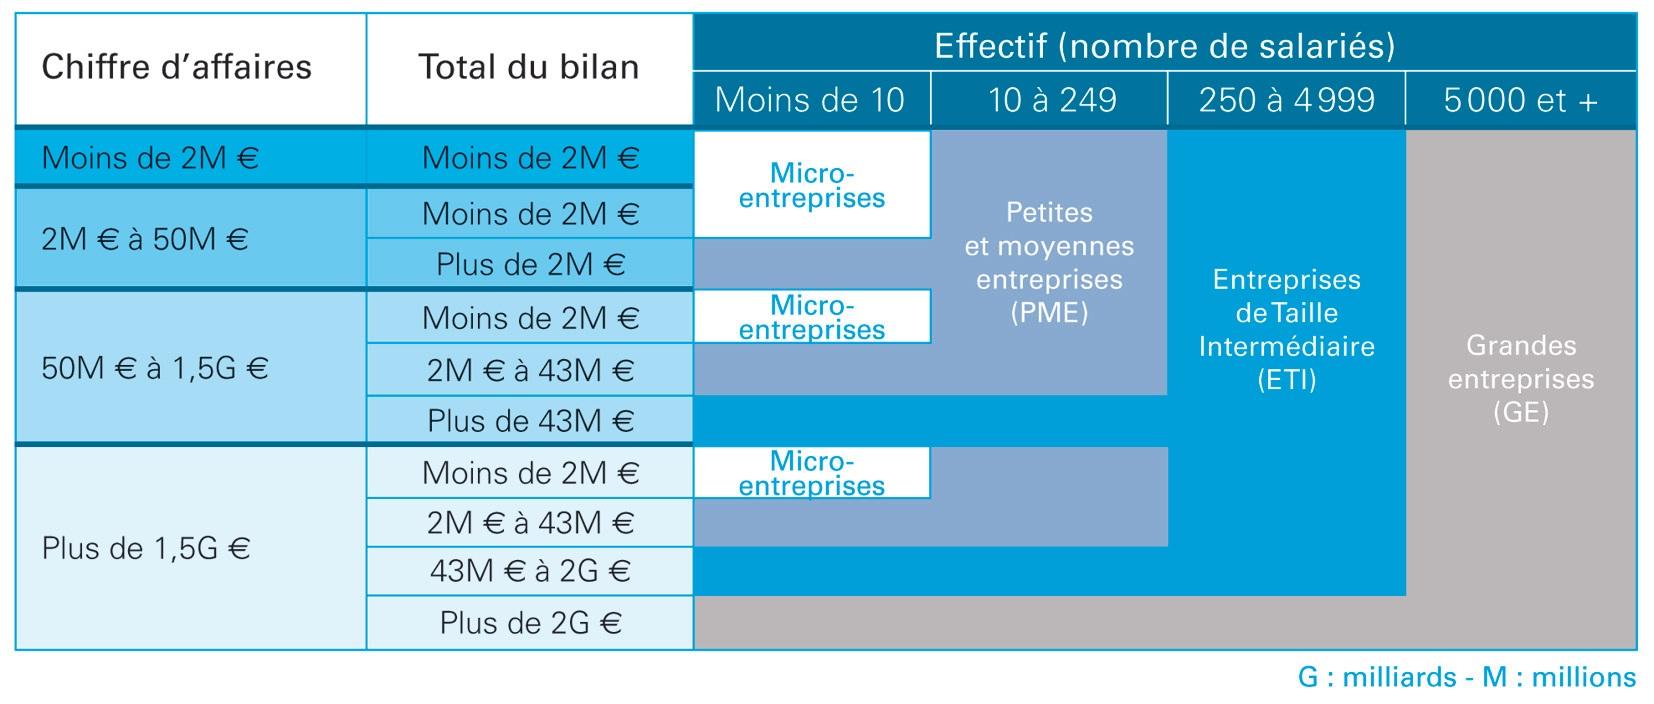 Critères de définition d'une ETI selon la loi sur la modernisation de l'économie.